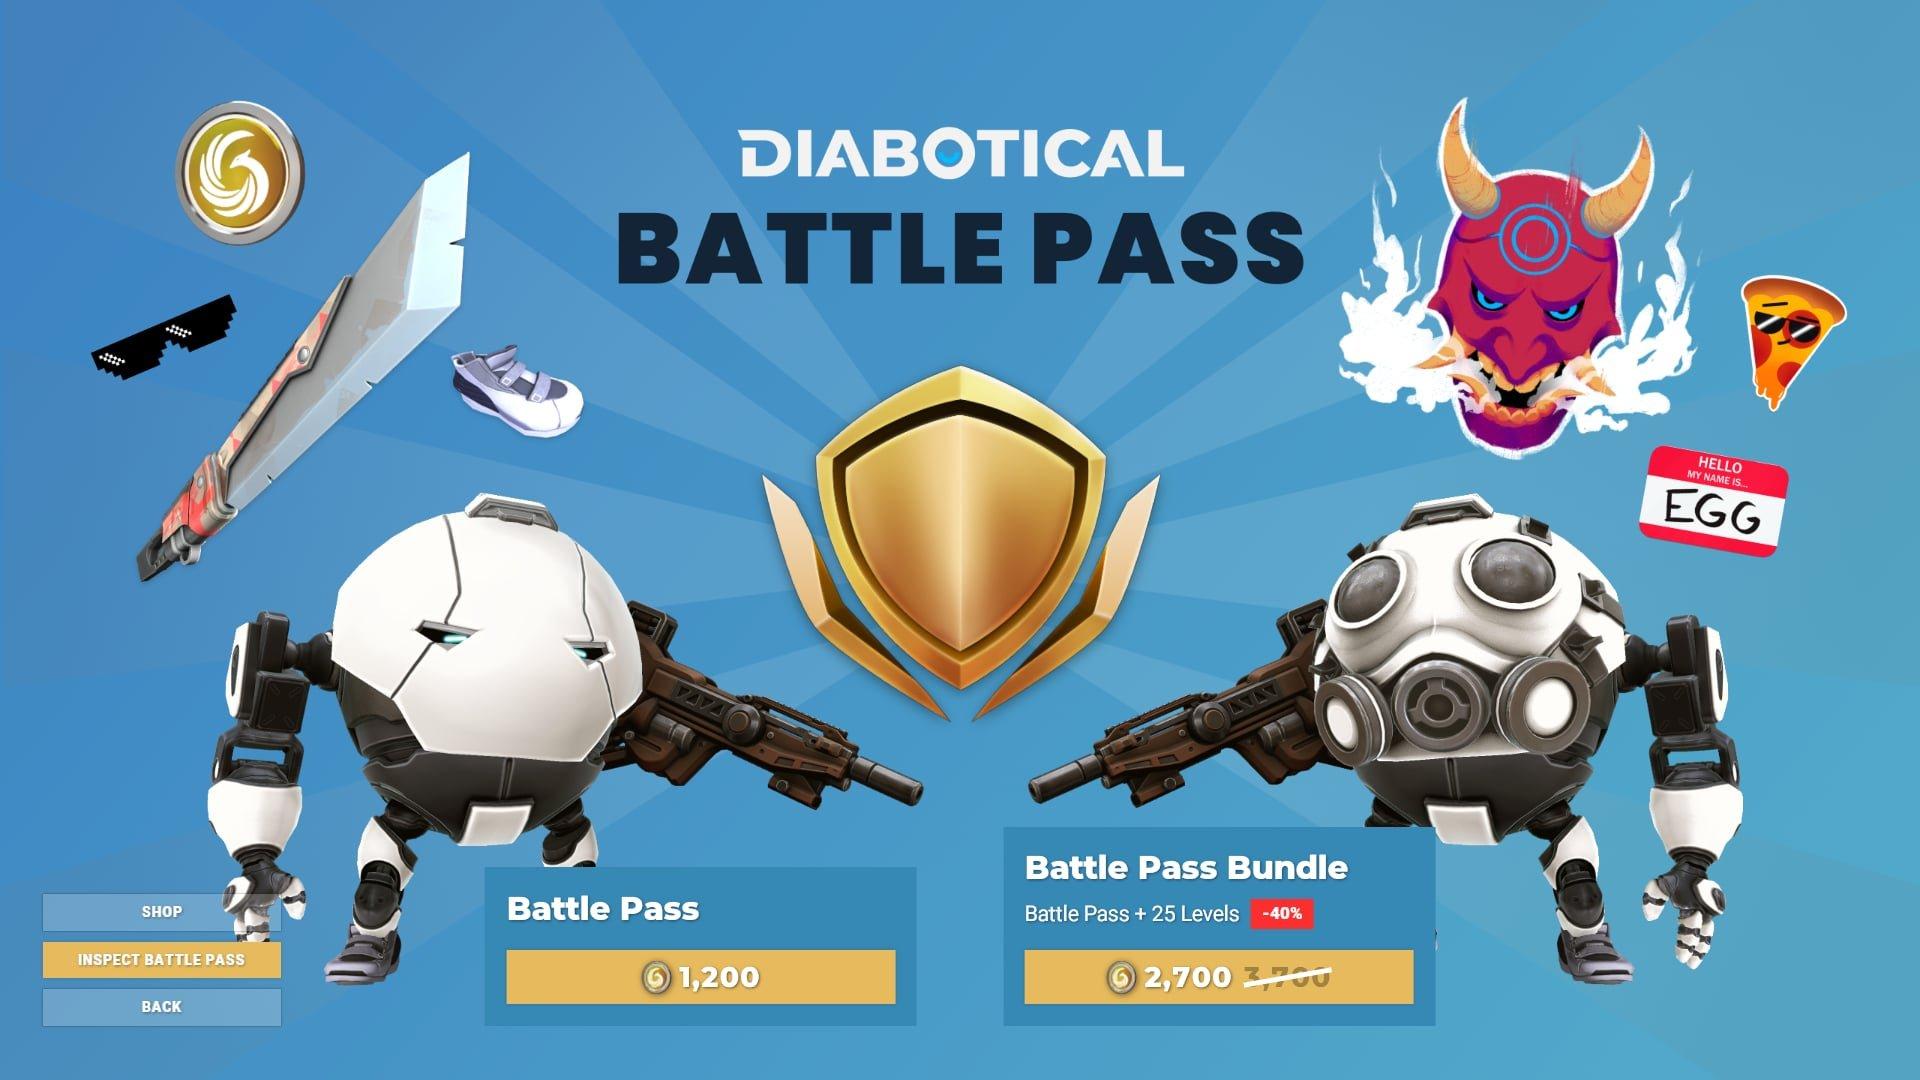 Diabotical Gameplay Shop Battlepass